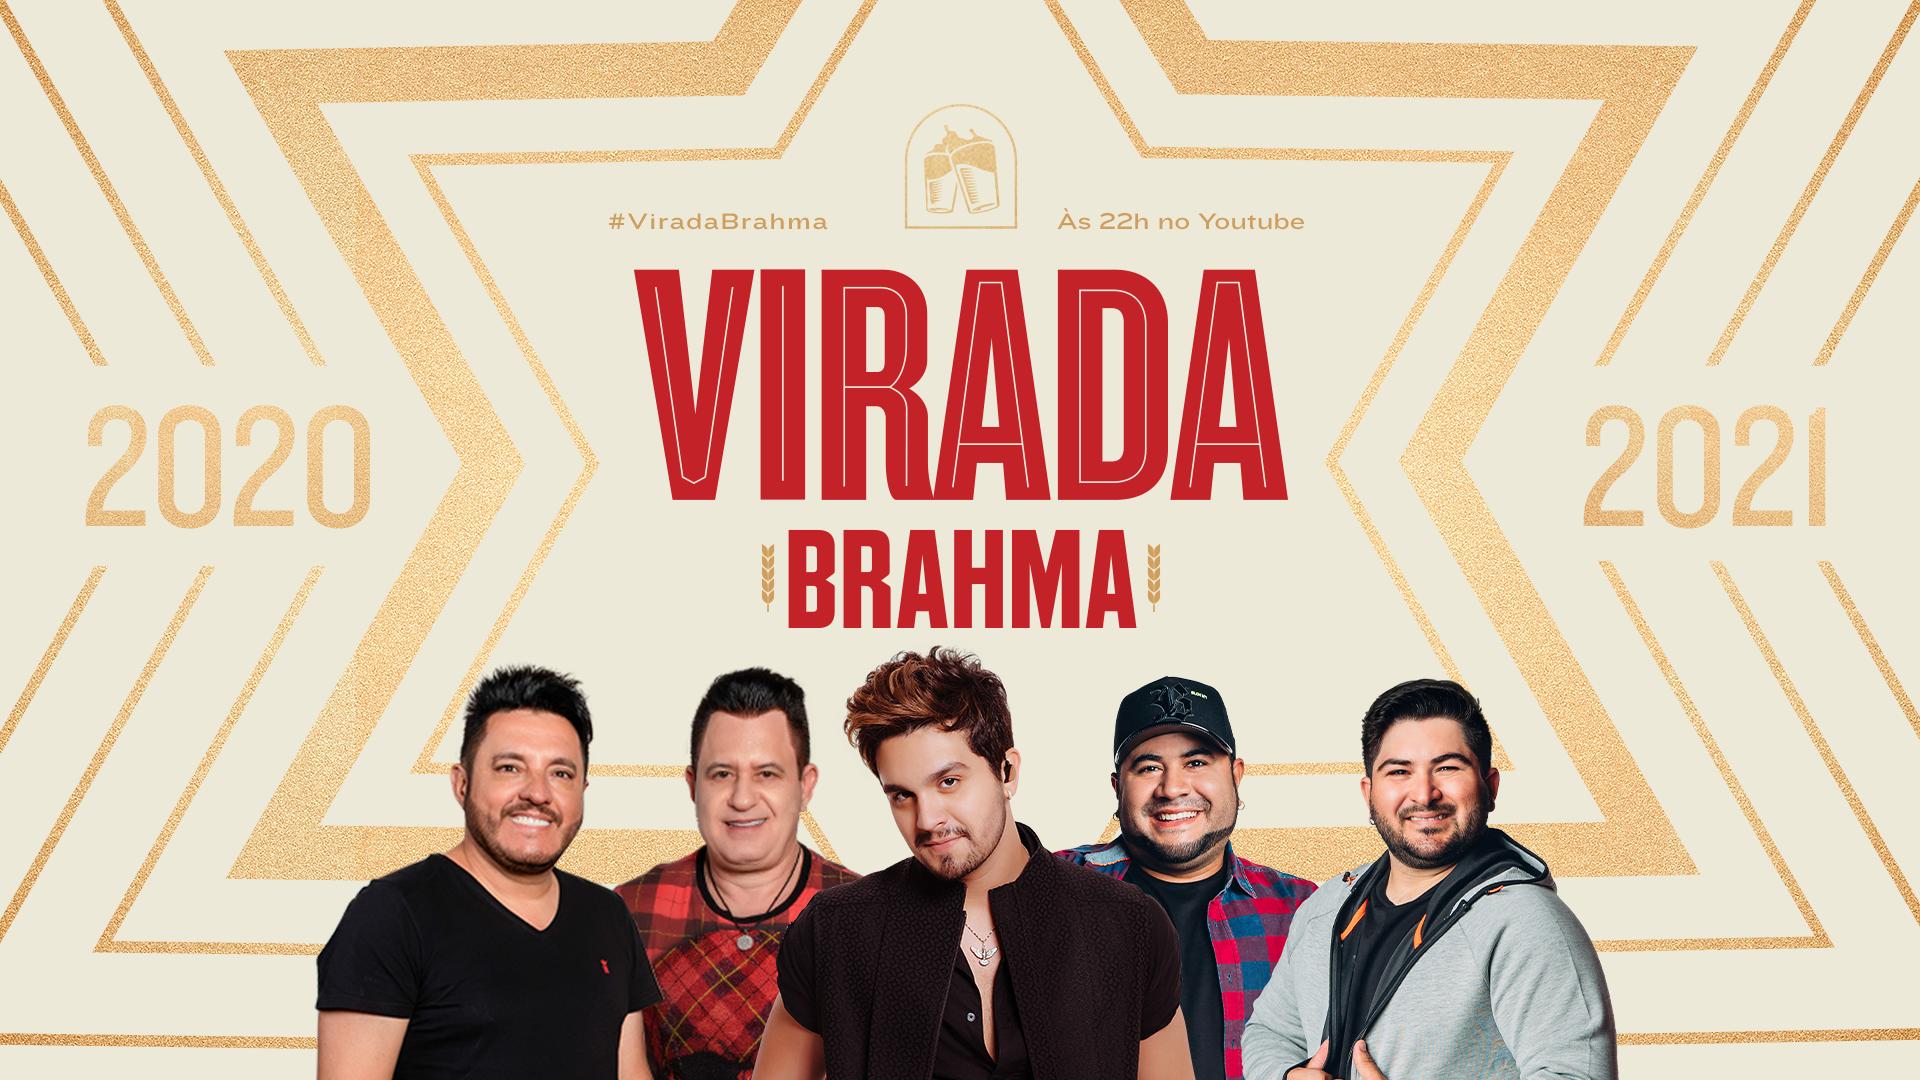 Brahma promove show inédito da virada com Bruno e Marrone, Luan Santana e Barões da Pisadinha